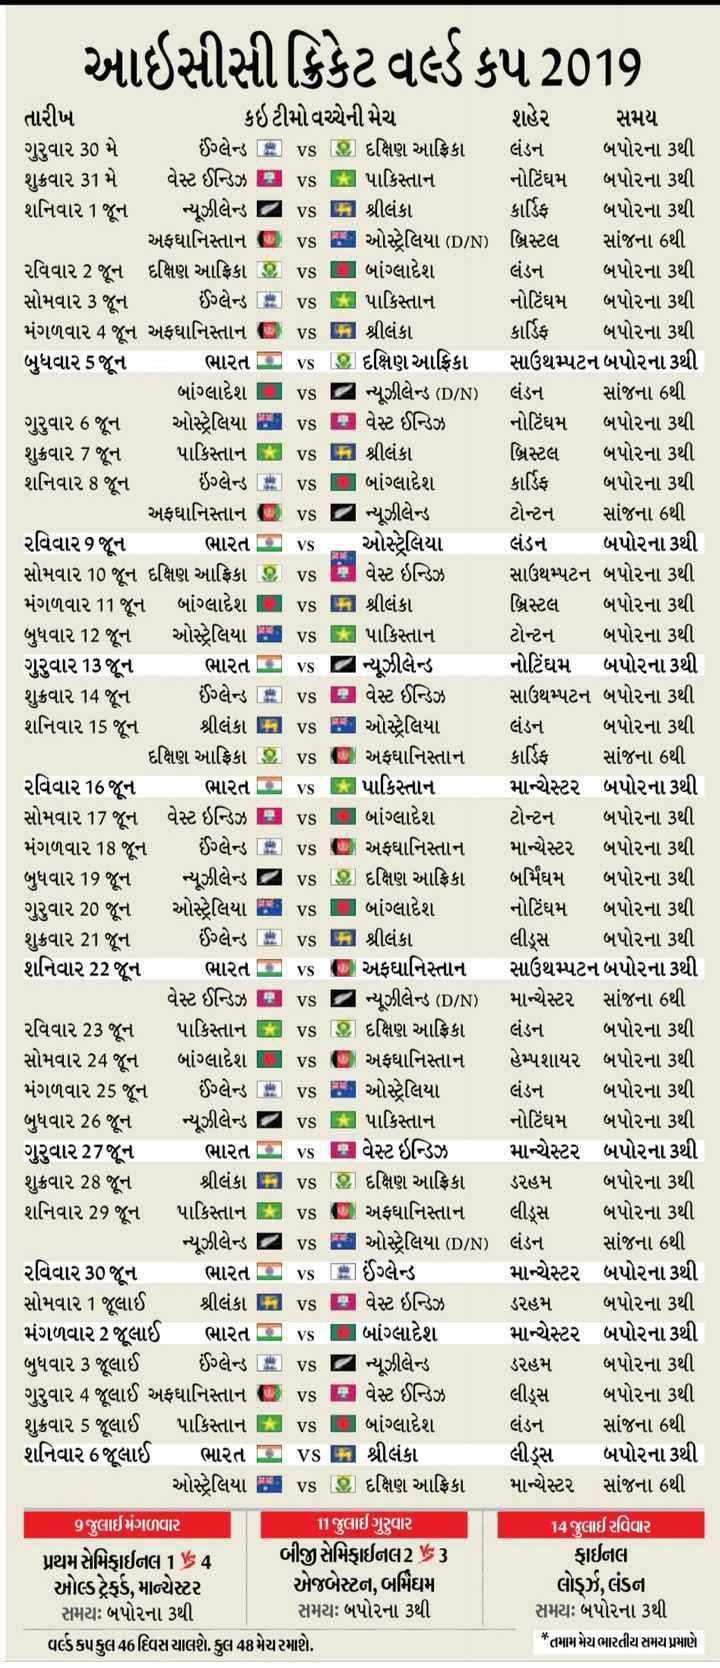 🏆 વર્લ્ડ કપ : 2019 - આઇસીસી ક્રિકેટ વર્લ્ડ કપ 2019 તારીખ કઈટીમો વચ્ચેની મેચ શહેર સમય ગુરુવાર 30 મે ઈંગ્લેન્ડ = vs @ દક્ષિણ આફ્રિકા લંડન બપોરના 3થી શુક્રવાર 31 મે વેસ્ટ ઈન્ડિઝ B vs કે પાકિસ્તાન નોટિંઘમ બપોરના 3થી શનિવાર 1 જૂન ન્યૂઝીલેન્ડ za vs B શ્રીલંકા કાર્ડિફ બપોરના 3થી   અફઘાનિસ્તાન D vs   ઓસ્ટ્રેલિયા ( D / N ) બ્રિસ્ટલ સાંજના 6થી રવિવાર 2 જૂન દક્ષિણ આફ્રિકા   બાંગ્લાદેશ લંડન બપોરના 3થી સોમવાર 3 જૂન ઈંગ્લેન્ડ # vs કે પાકિસ્તાન નોટિંઘમ બપોરના 3થી મંગળવાર 4 જૂન અફઘાનિસ્તાન vs A શ્રીલંકા કાર્ડિફ બપોરના 3થી બુધવાર 5 જૂન ભારત C vs Øિ દક્ષિણ આફ્રિકા સાઉથમ્પટન બપોરના 3થી બાંગ્લાદેશ vs g ન્યૂઝીલેન્ડ ( D / N ) લંડન સાંજના 6થી ગુરુવાર 6 જૂન ઓસ્ટ્રેલિયા A vs B વેસ્ટ ઈન્ડિઝ નોટિંઘમ બપોરના 3થી શુક્રવાર 7 જૂન પાકિસ્તાન vs શ્રીલંકા બ્રિસ્ટલ બપોરના 3થી શનિવાર 8 જૂન ઇંગ્લેન્ડ vs   બાંગ્લાદેશ કાર્ડિફ બપોરના 3થી   અફઘાનિસ્તાન D vs za ન્યૂઝીલેન્ડ ટોન્ટન સાંજના 6થી રવિવાર 9 જૂન ભારતo ઓસ્ટ્રેલિયા લંડન બપોરના 3થી સોમવાર 10 જૂન દક્ષિણ આફ્રિકા છે , વેસ્ટ ઇન્ડિઝ સાઉથમ્પટન બપોરના 3થી મંગળવાર 11 જૂન બાંગ્લાદેશ શ્રીલંકા બ્રિસ્ટલ બપોરના ૩થી બુધવાર 12 જૂન ઓસ્ટ્રેલિયા vs : પાકિસ્તાન ટોન્ટન બપોરના 3થી ગુરુવાર 13 જૂન ભારત C vs ન્યૂઝીલેન્ડ નોટિંઘમ બપોરના 3થી શુક્રવાર 14 જૂન ઈંગ્લેન્ડ # vs B વેસ્ટ ઈન્ડિઝ સાઉથમ્પટન બપોરના 3થી શનિવાર 15 જૂન શ્રીલંકા A vs ઝા ઓસ્ટ્રેલિયા લંડન બપોરના 3થી દક્ષિણ આફ્રિકા છે . vs   અફઘાનિસ્તાન કાર્ડિફ સાંજના 6થી રવિવાર 16 જૂન ભારત છે . vs માં પાકિસ્તાન માન્ચેસ્ટર બપોરના ૩થી સોમવાર 17 જૂન વેસ્ટ ઇન્ડિઝ B vs L બાંગ્લાદેશ ટોન્ટન બપોરના 3થી મંગળવાર 18 જૂન ઈંગ્લેન્ડ # vs D અફઘાનિસ્તાન માન્ચેસ્ટર બપોરના ૩થી બુધવાર 19 જૂન ન્યૂઝીલેન્ડ - બર્મિંઘમ બપોરના 3થી ગુરુવાર 20 જૂન ઓસ્ટ્રેલિયા બાંગ્લાદેશ નોટિંઘમ બપોરના 3થી શુક્રવાર 21 જૂન ઈંગ્લેન્ડ   E vs a શ્રીલંકા લીડ્રસ બપોરના ૩થી શનિવાર 22 જૂન ભારત C vs D અફઘાનિસ્તાન સાઉથમ્પટન બપોરના 3થી વેસ્ટ ઈન્ડિઝ B vs 2 ન્યૂઝીલેન્ડ ( D / N ) માન્ચેસ્ટર સાંજના 6થી રવિવાર 23 જૂન પાકિસ્તાને ki vs . દક્ષિણ આફ્રિકા લંડન બપોરના 3થી સોમવાર 24 જુન બાંગ્લાદેશ vs @ અફઘાનિસ્તાન હેમ્પશાયર બપોરના 3થી મંગળવાર 25 જૂન ઈંગ્લેન્ડ કે vs I ઓસ્ટ્રેલિયા લંડન બપોરના 3થી બુધ